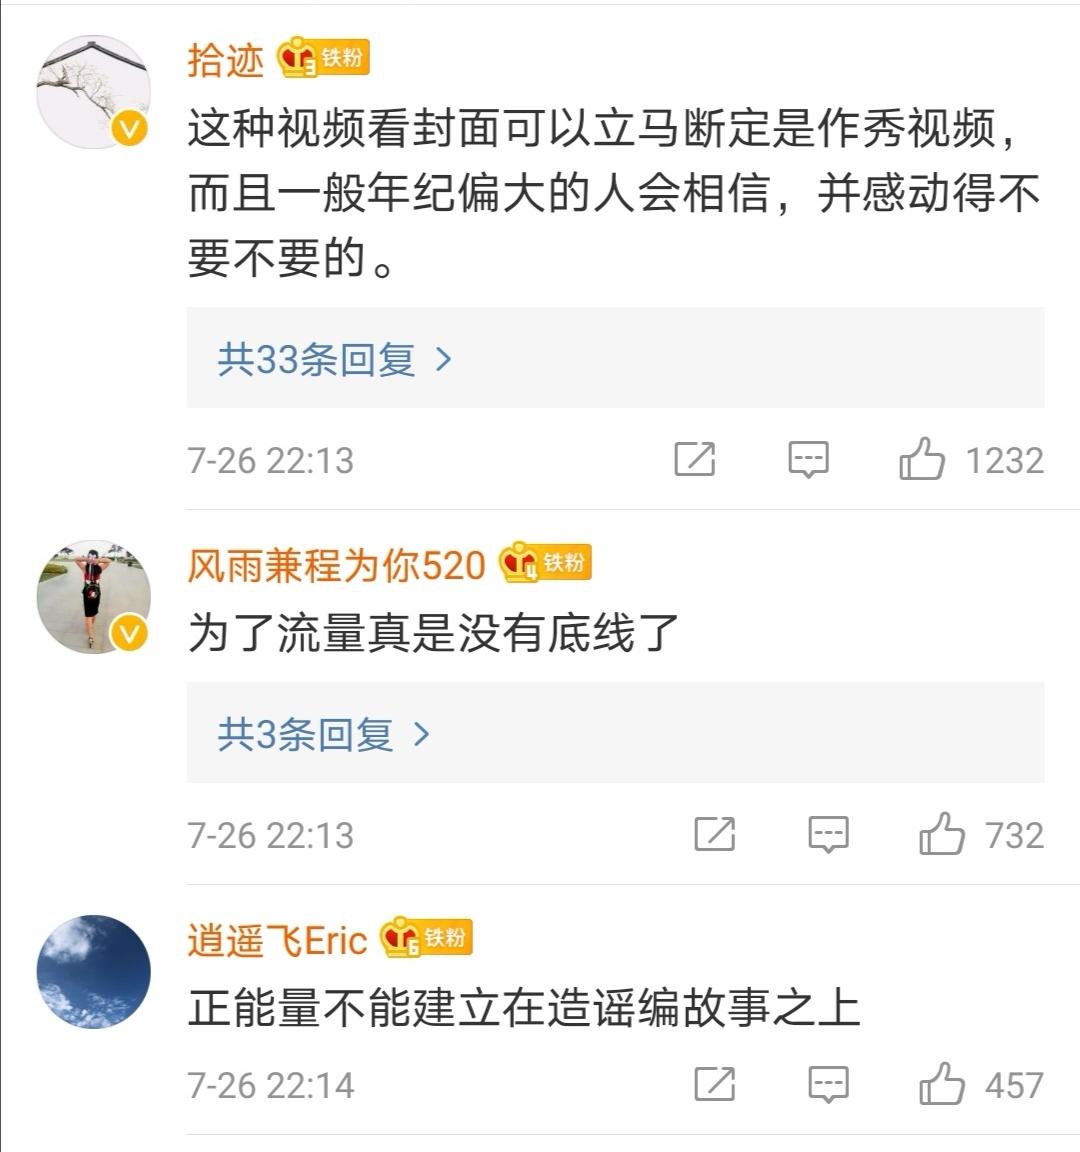 宁夏杨岭村旧貌换新颜